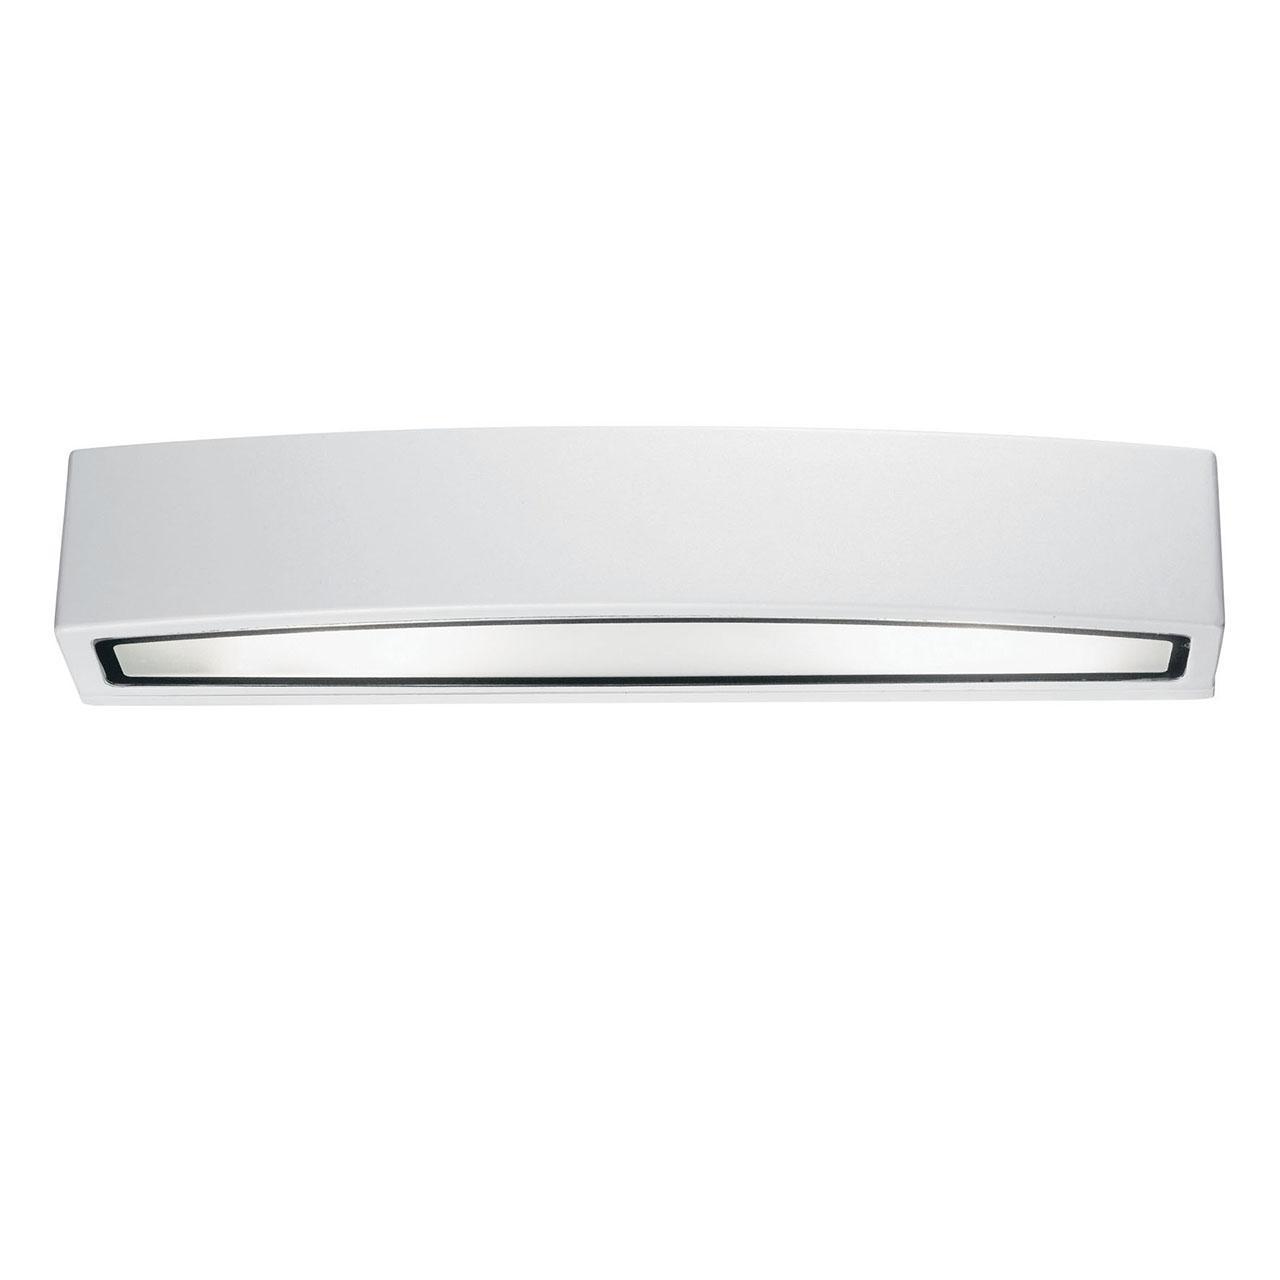 Уличный настенный светильник Ideal Lux Andromeda AP2 Bianco